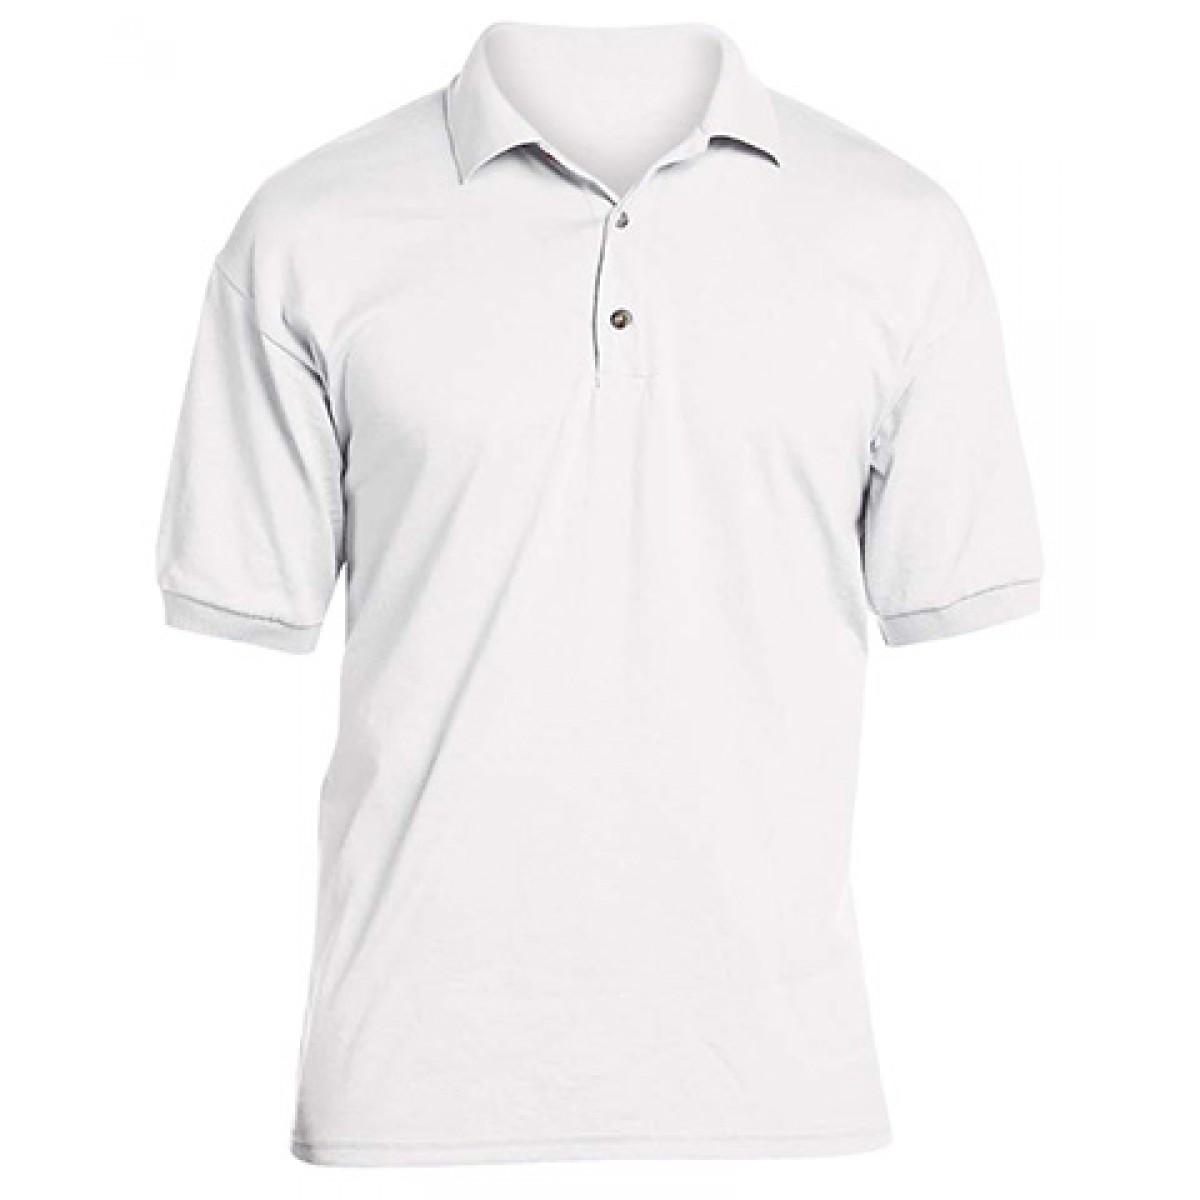 Jersey Polo 50/50 -White-XS